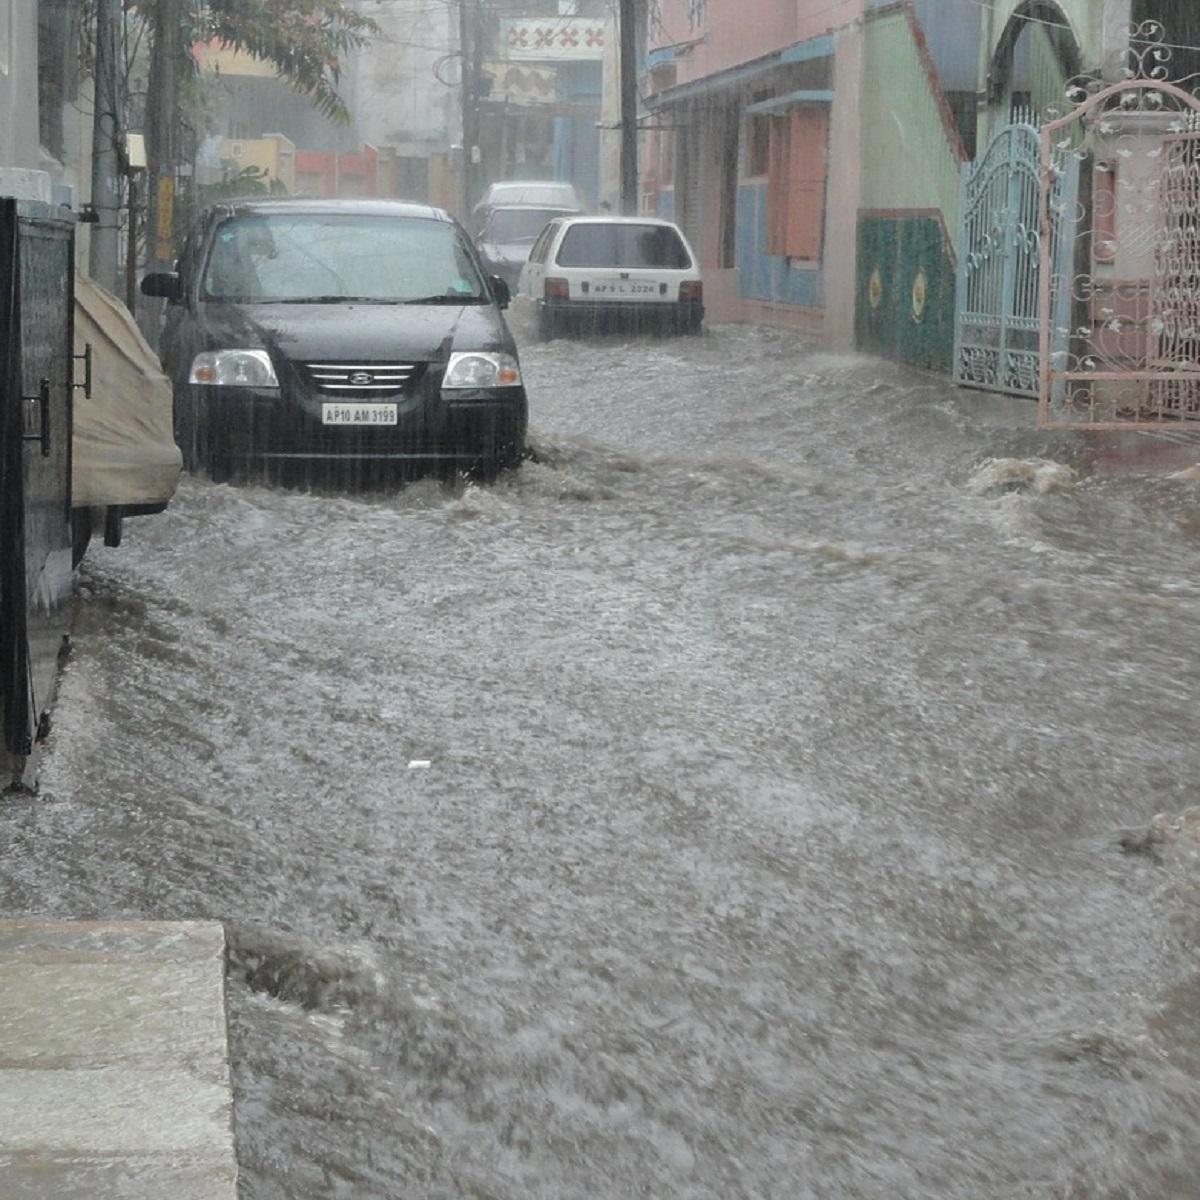 Xiaomi dona 1 milione di euro per le vittime delle alluvioni in Germania, Paesi Bassi e Belgio